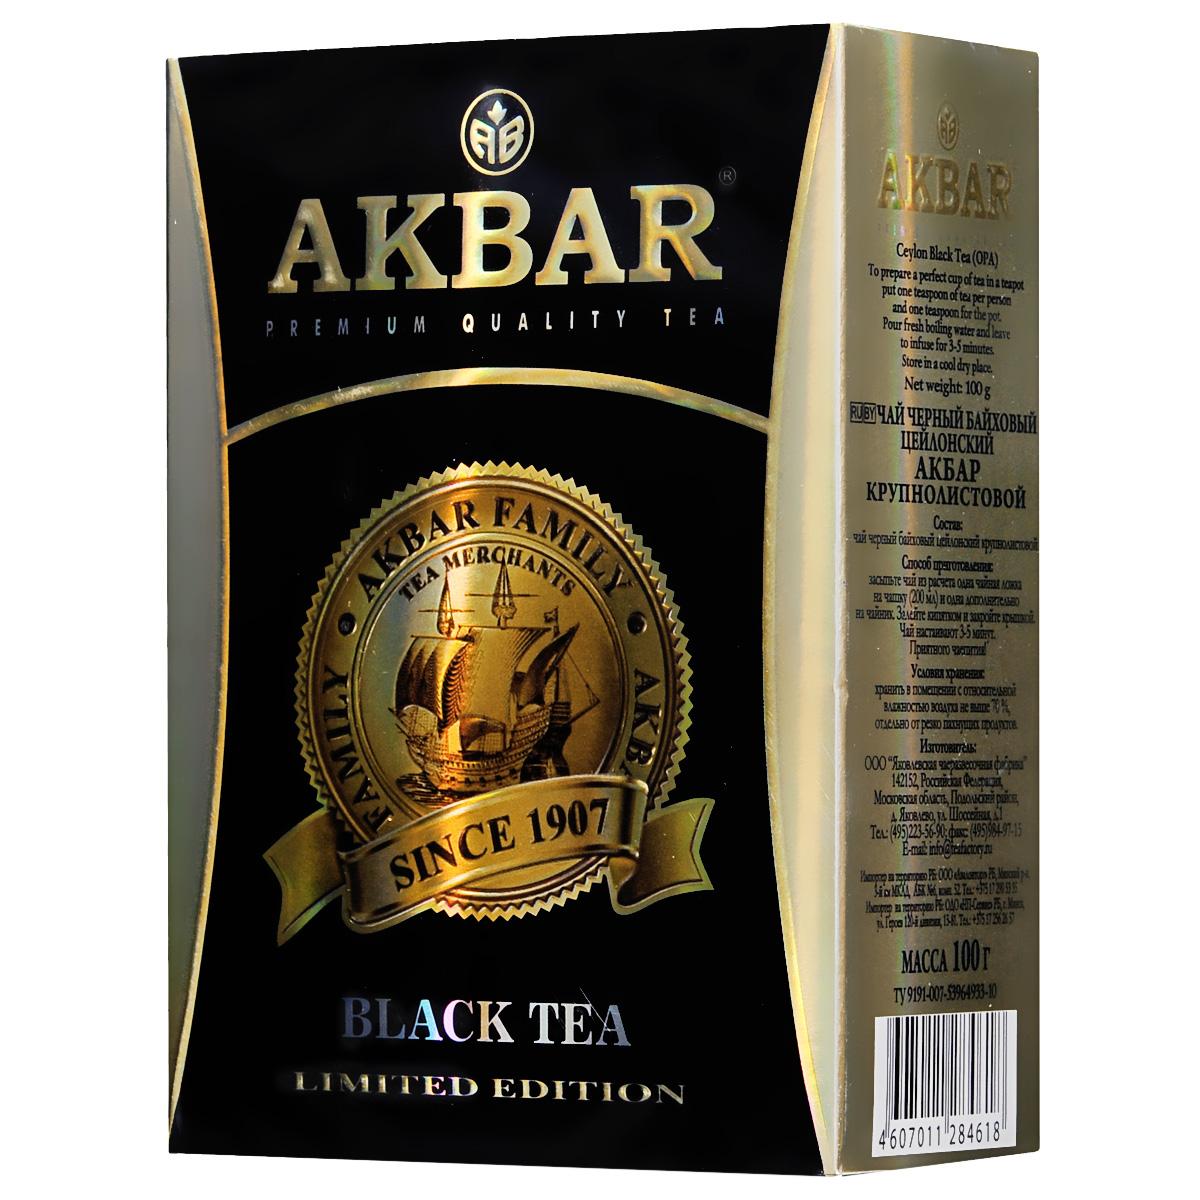 Akbar 100 Years черный листовой чай, 100 г1042023Чай Akbar 100 Years стандарта ОРА состоит из крупных листочков удлиненной формы насыщенного черного цвета. Его производство под силу лишь современным фабрикам, оснащенным новейшим оборудованием.Сырье для этого крупнолистового чая эксклюзивного качества, отличающегося своим неповторимым вкусом и потрясающим ароматом, получают всего с нескольких равнинных чайных плантаций, расположенных в провинциях Ruhuna и Sabaragamuwa, на высоте не более 1500 футов над уровнем моря.